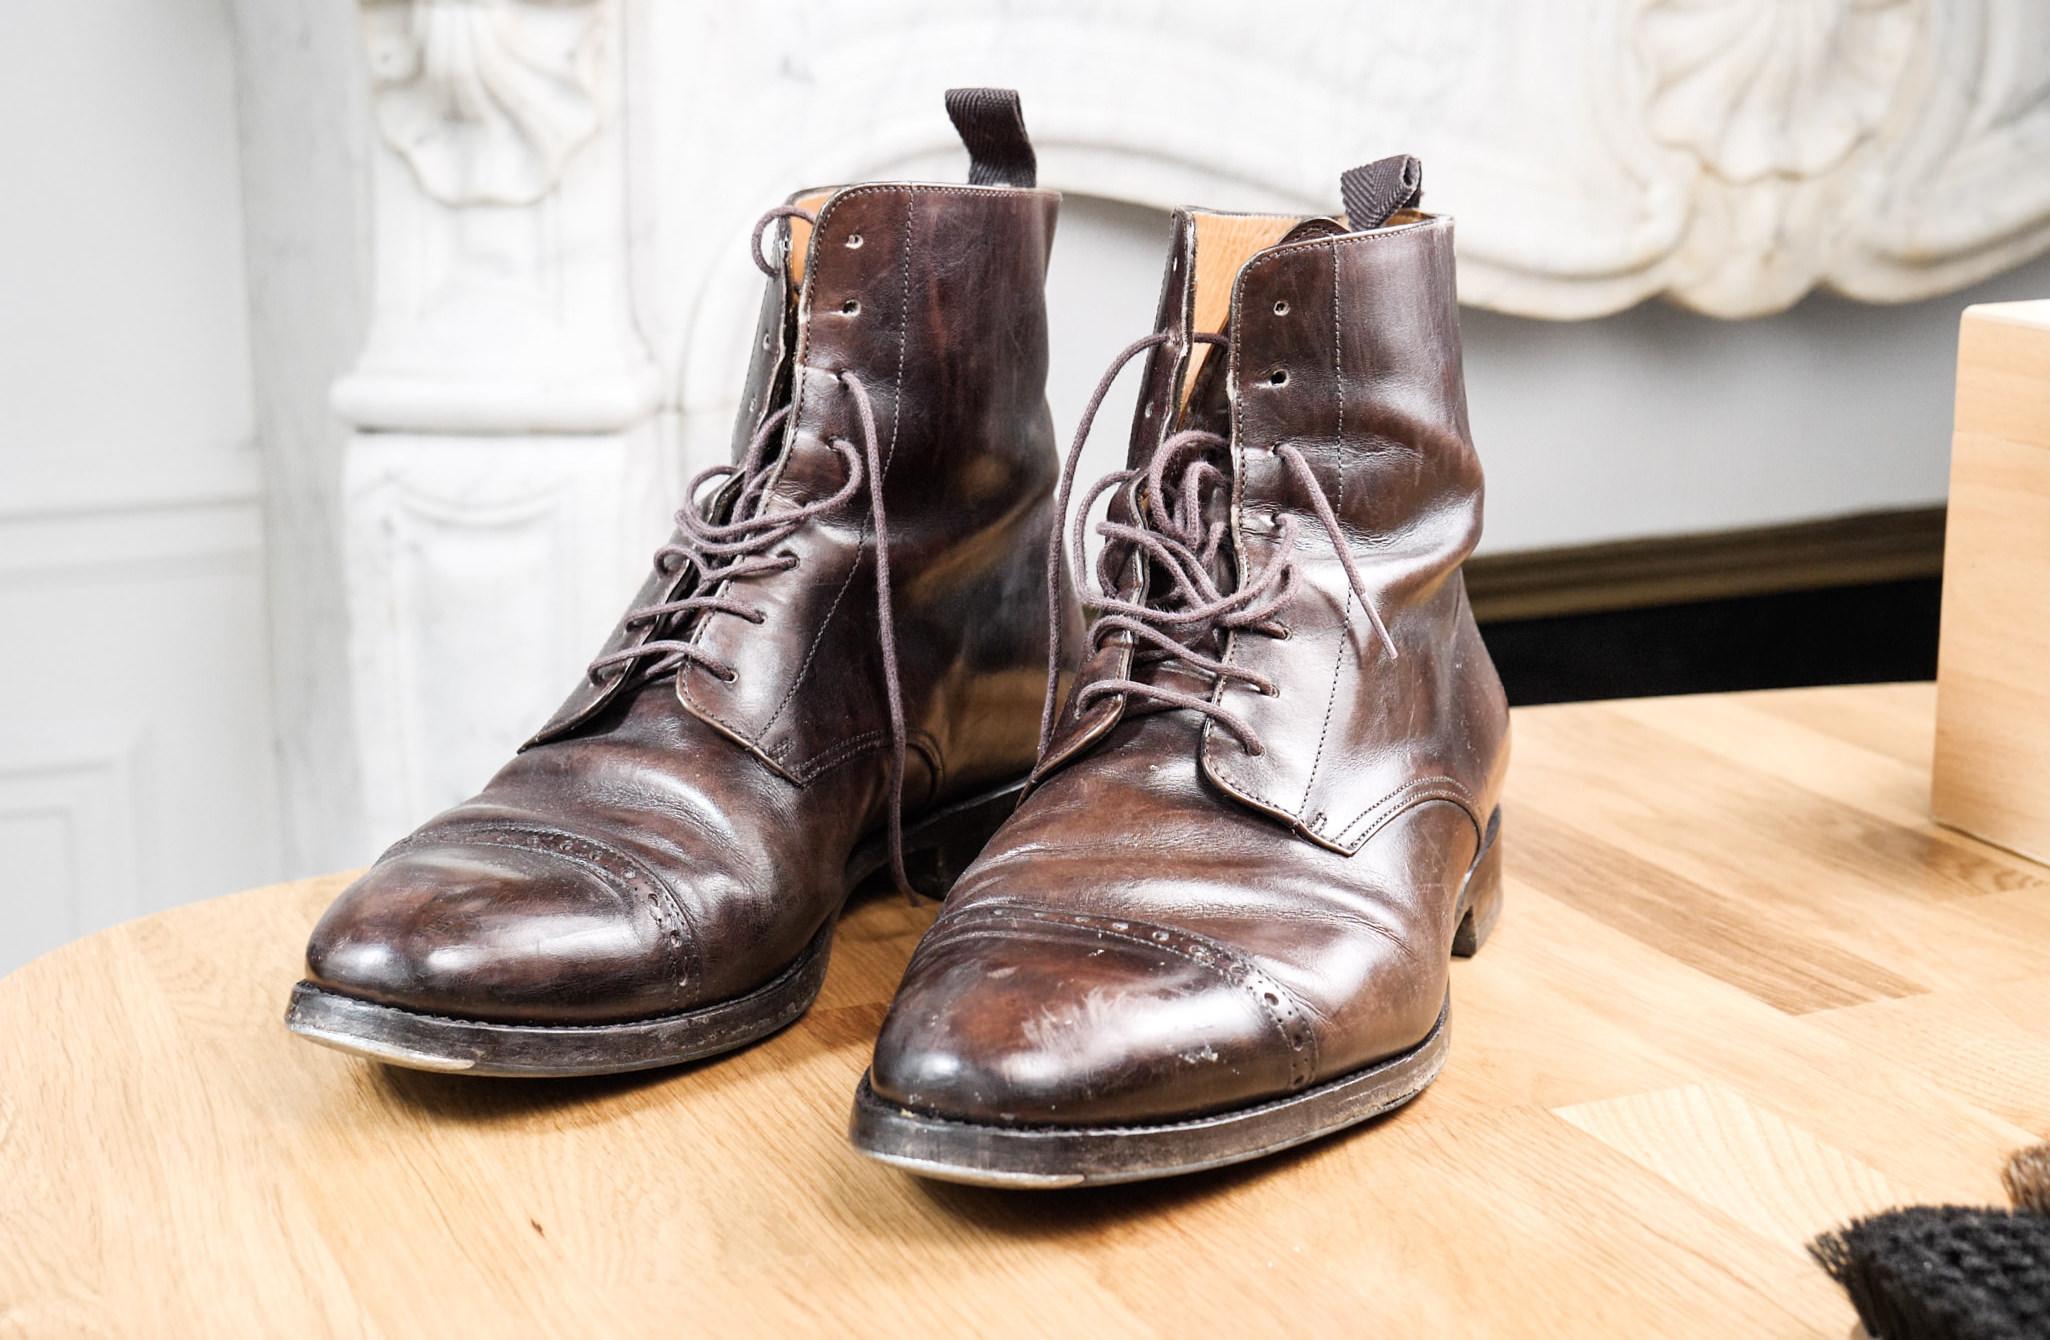 rénovation de talon sur bottes